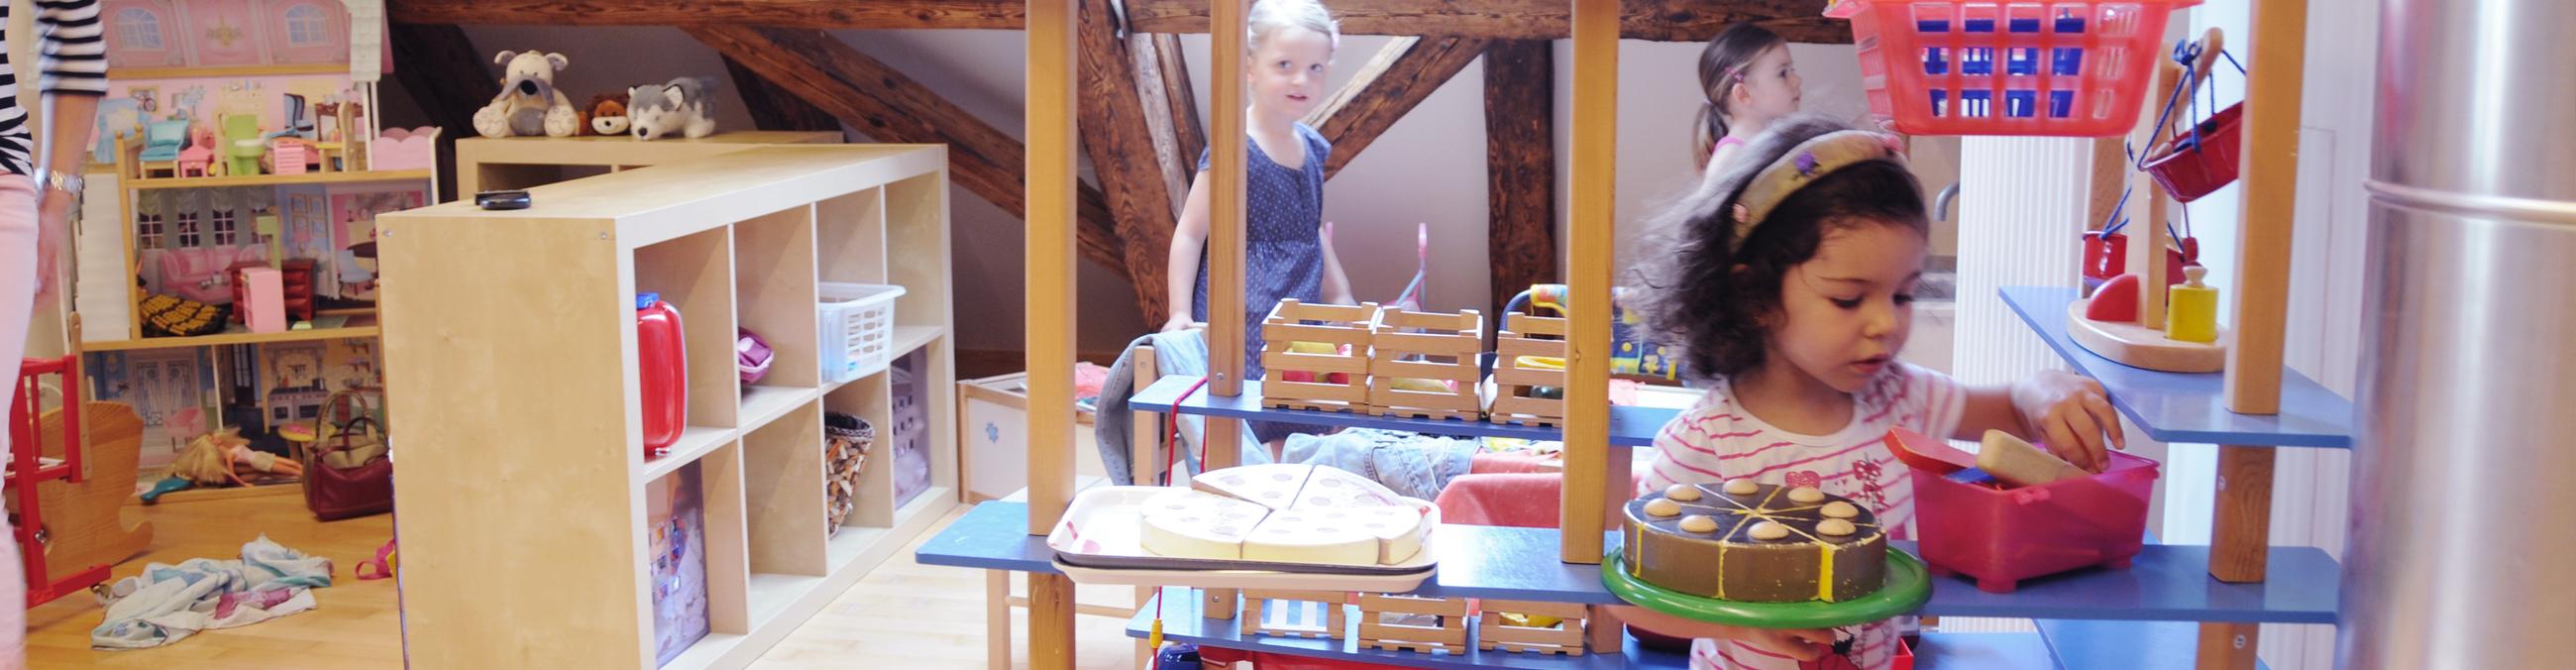 Preschool-Horgen-Preschool-Gockhausen